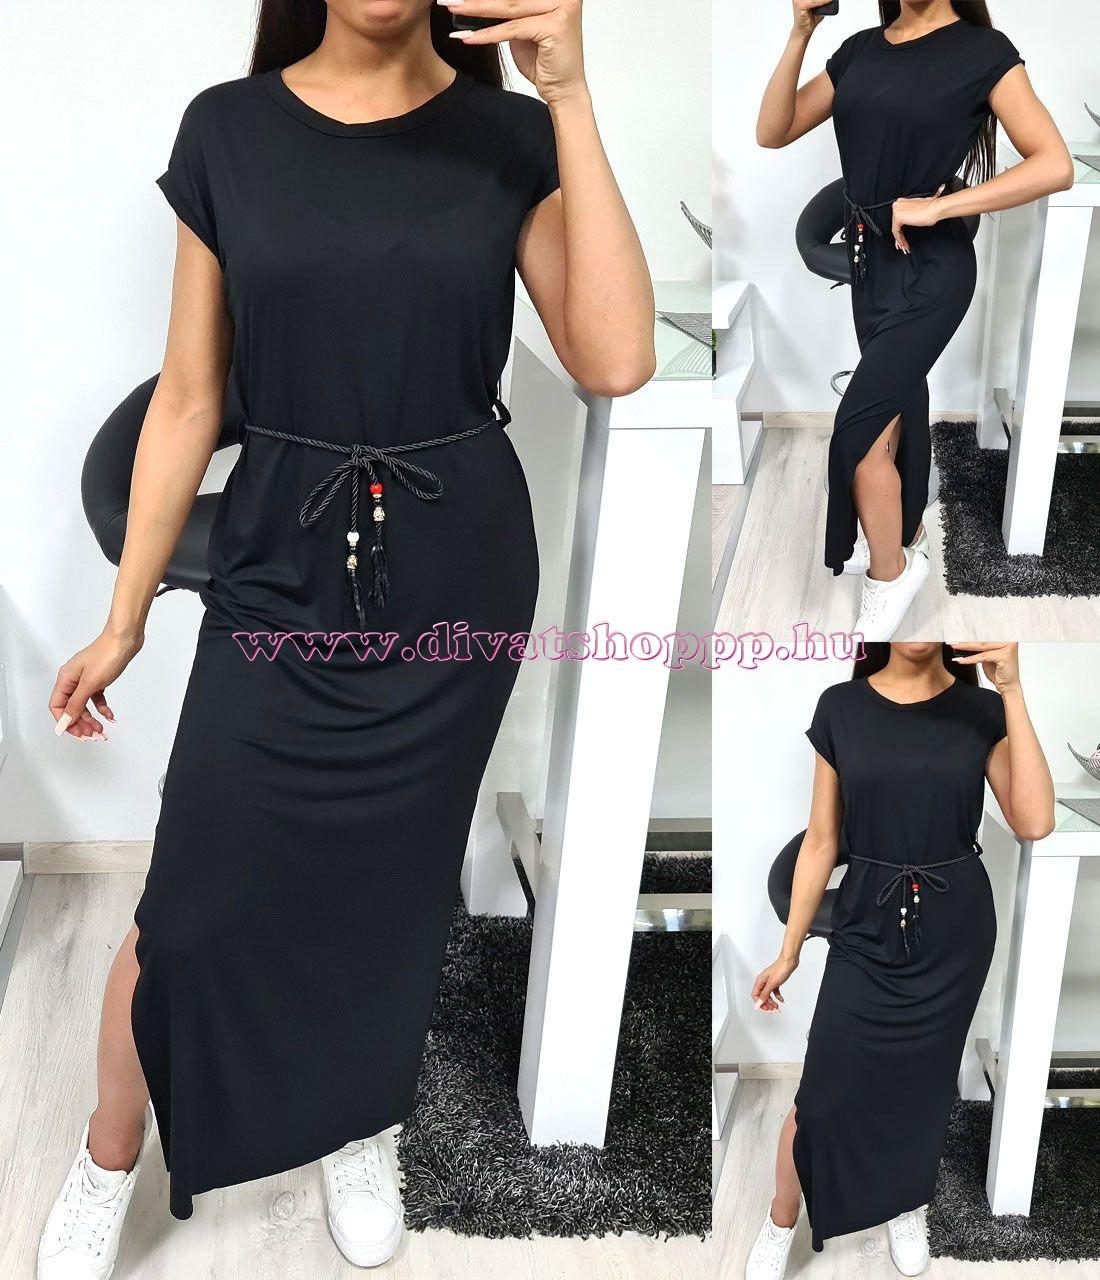 Kétoldalt felvágott, egyszínű ruha (fekete)